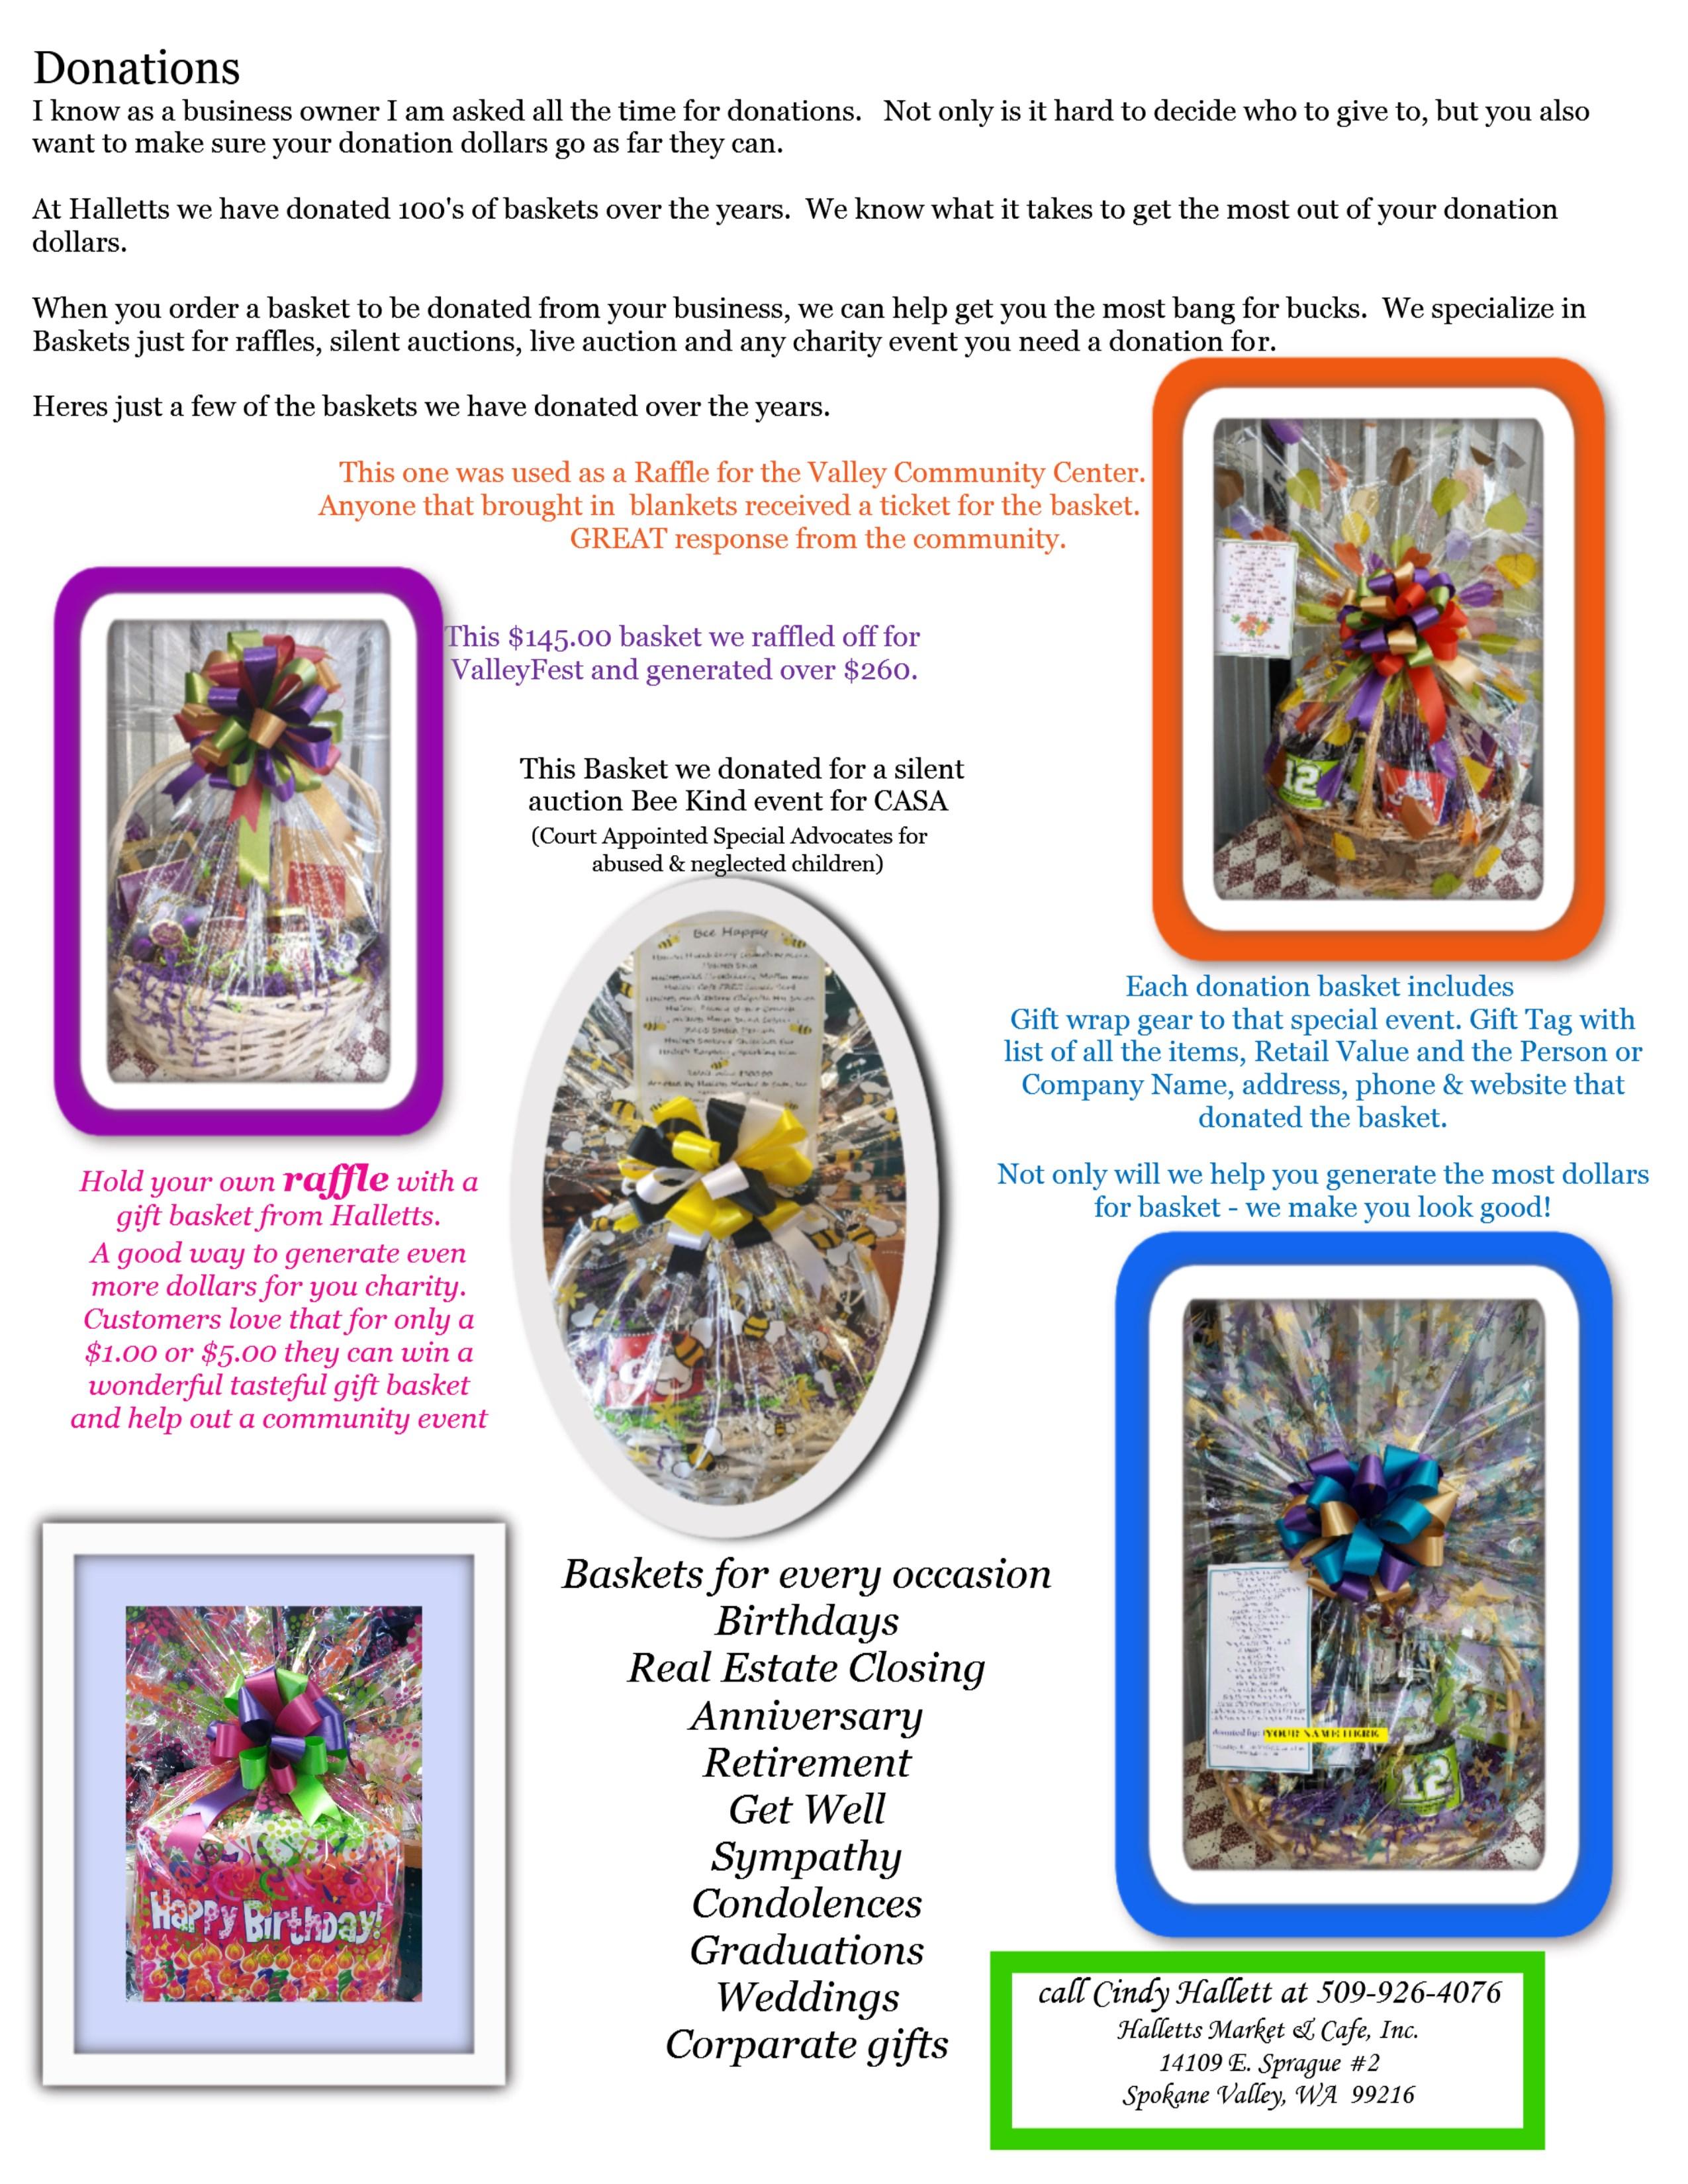 Gift Baskets | Halletts Market & Cafe, Inc.